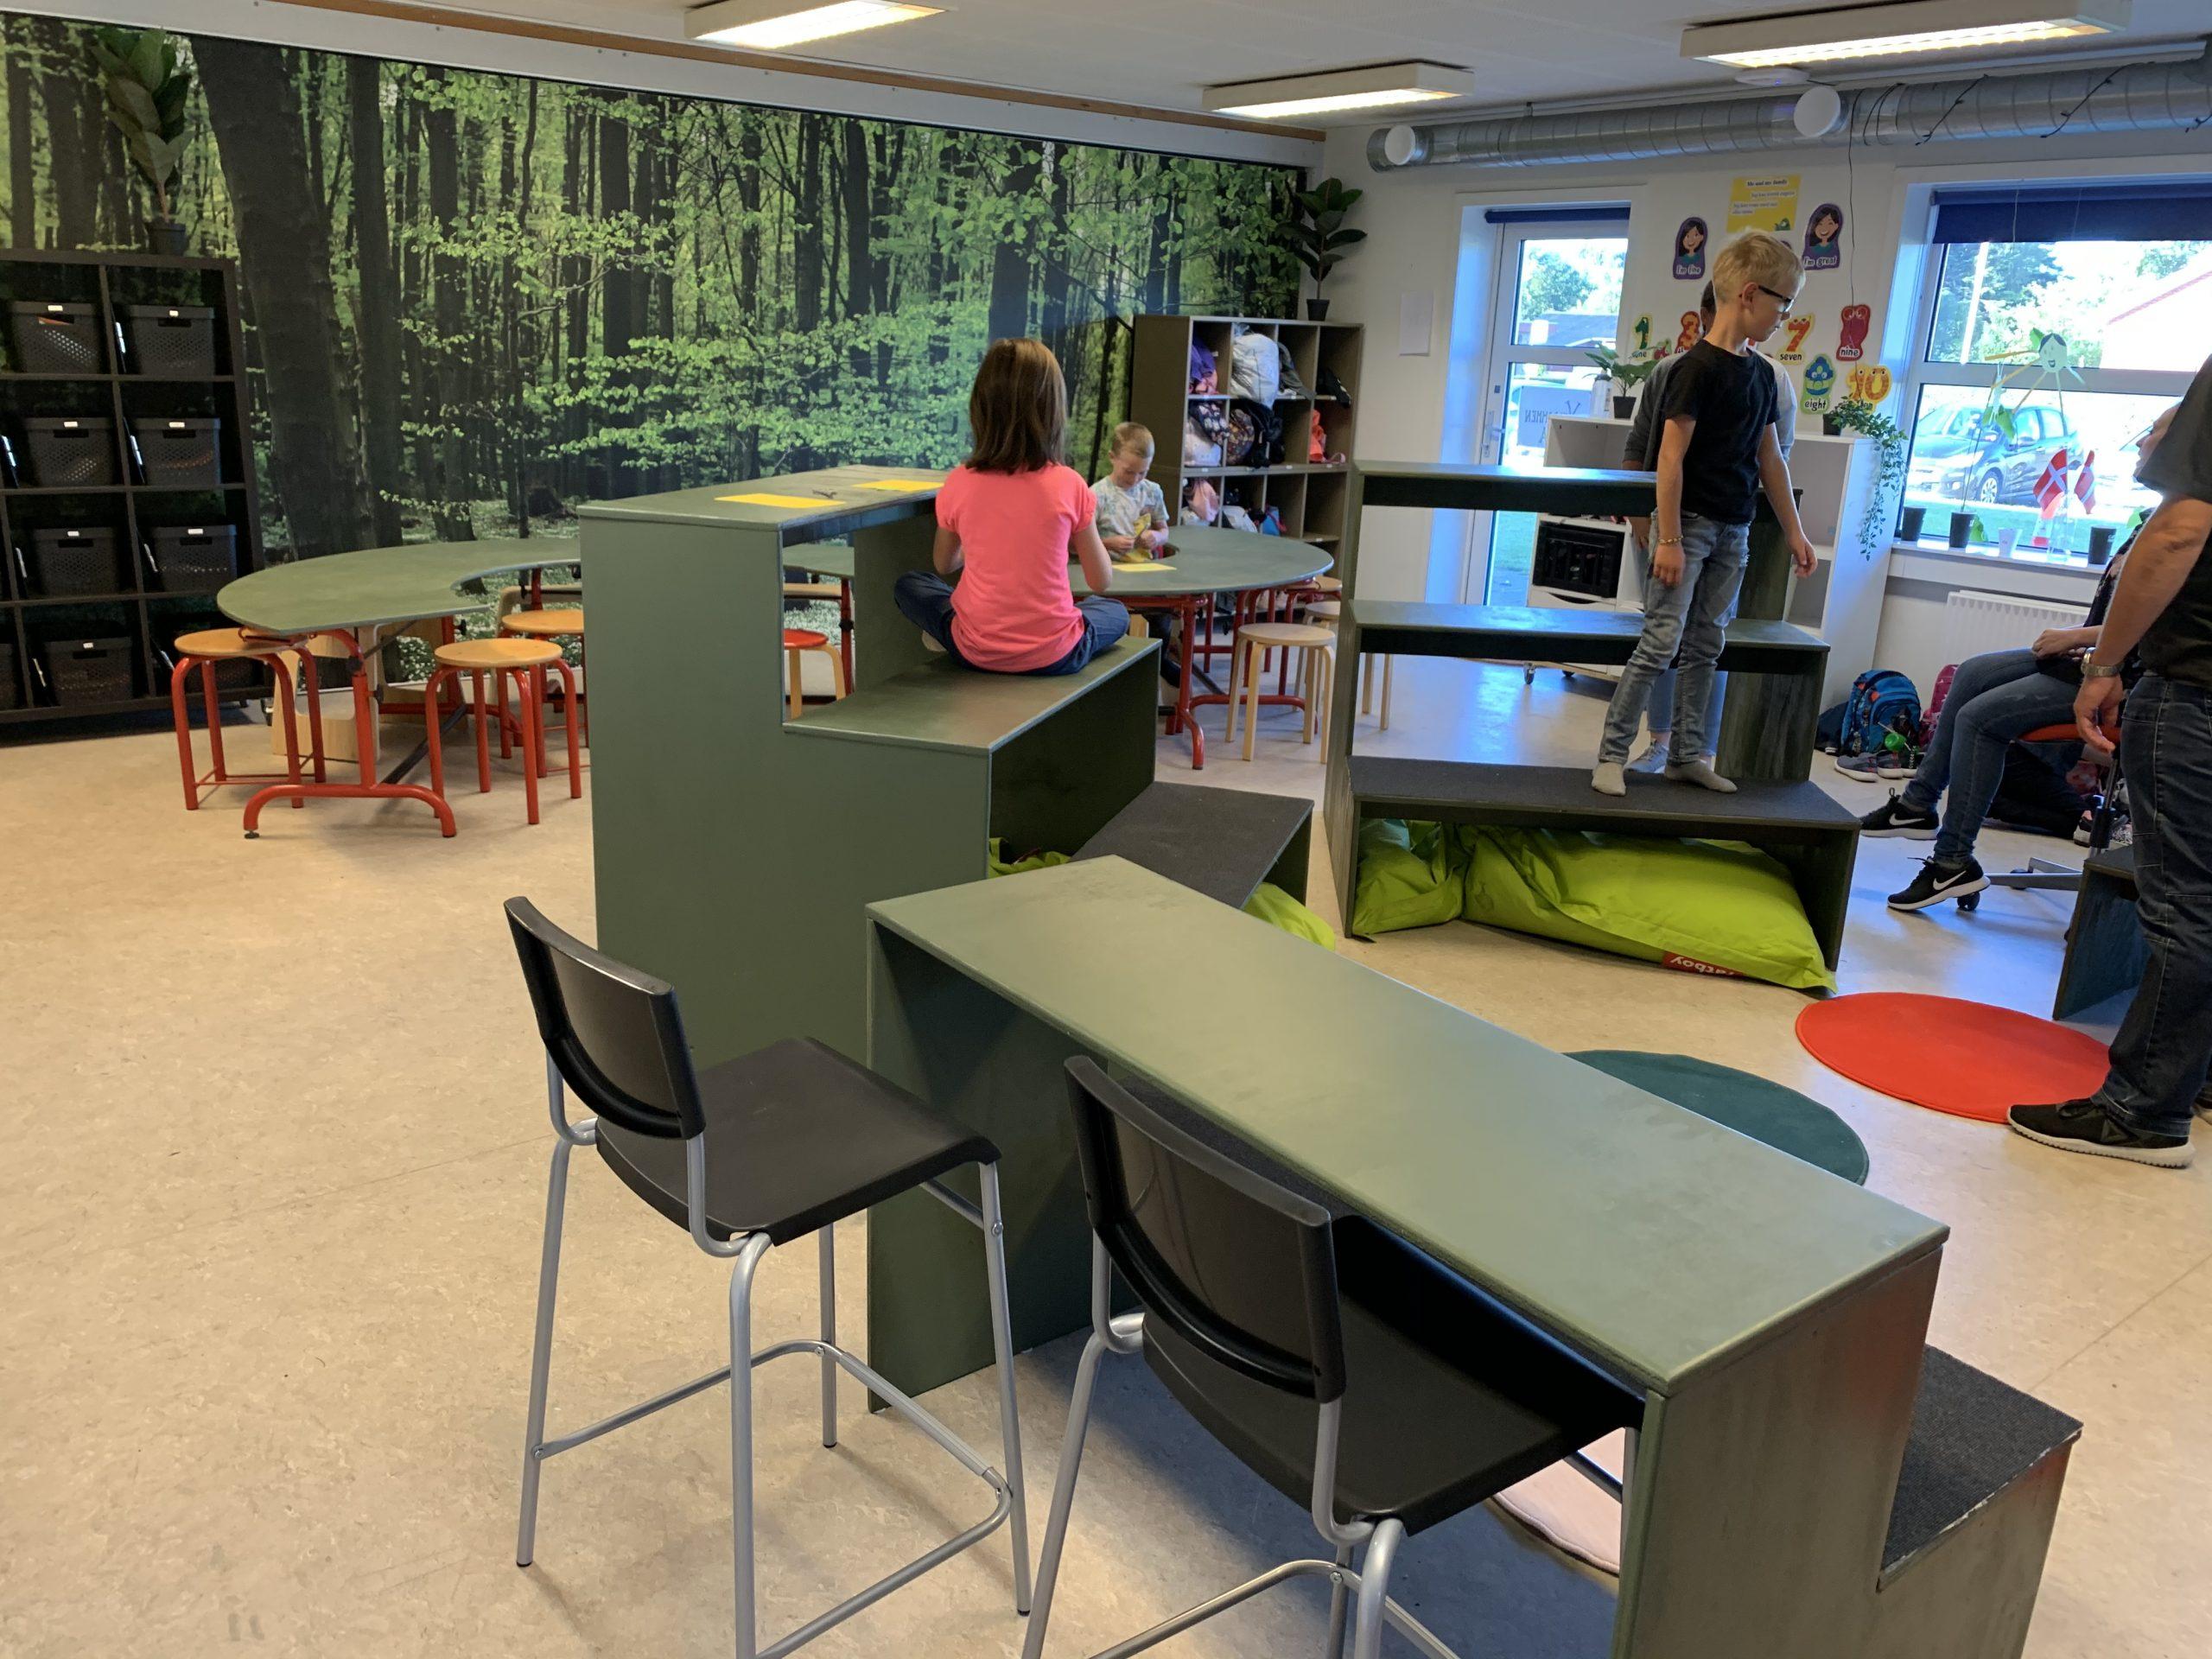 Læringsrum - redesignet af eleverne!